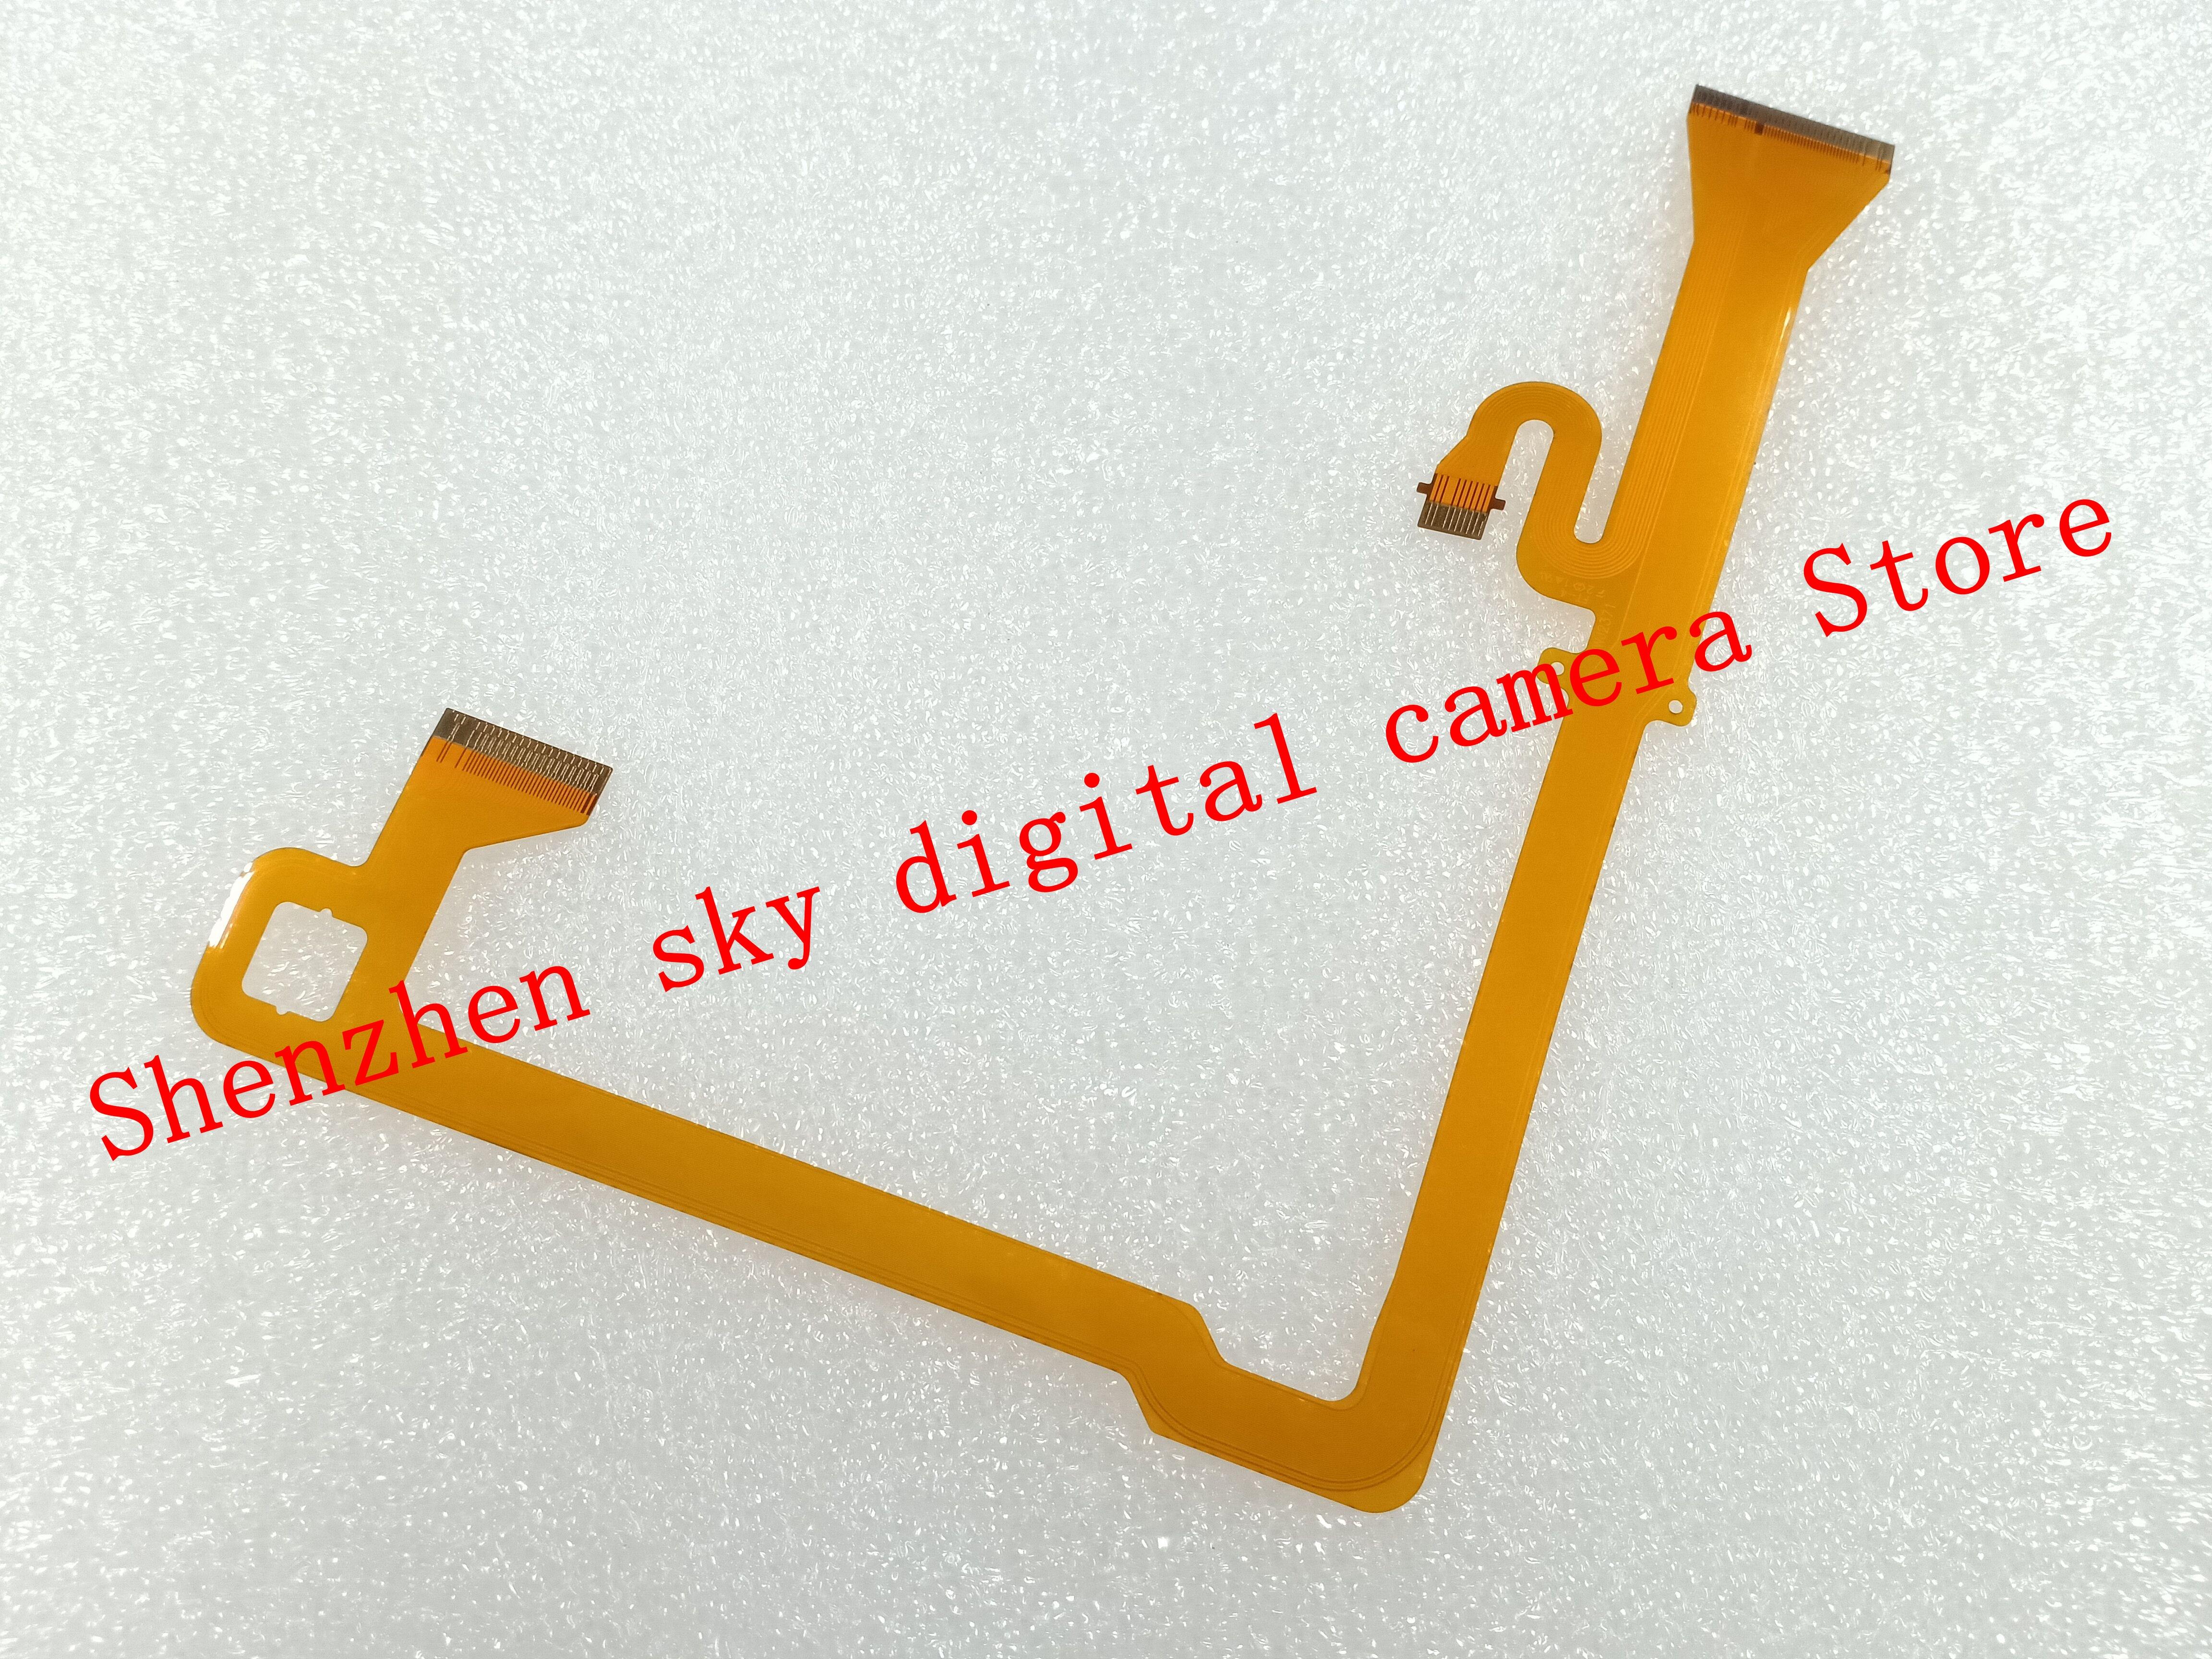 NEW LCD Flex Cable For Panasonic DMC-GH3 DMC-GH4 GK GH3 GH4 Digital Camera Repair Part